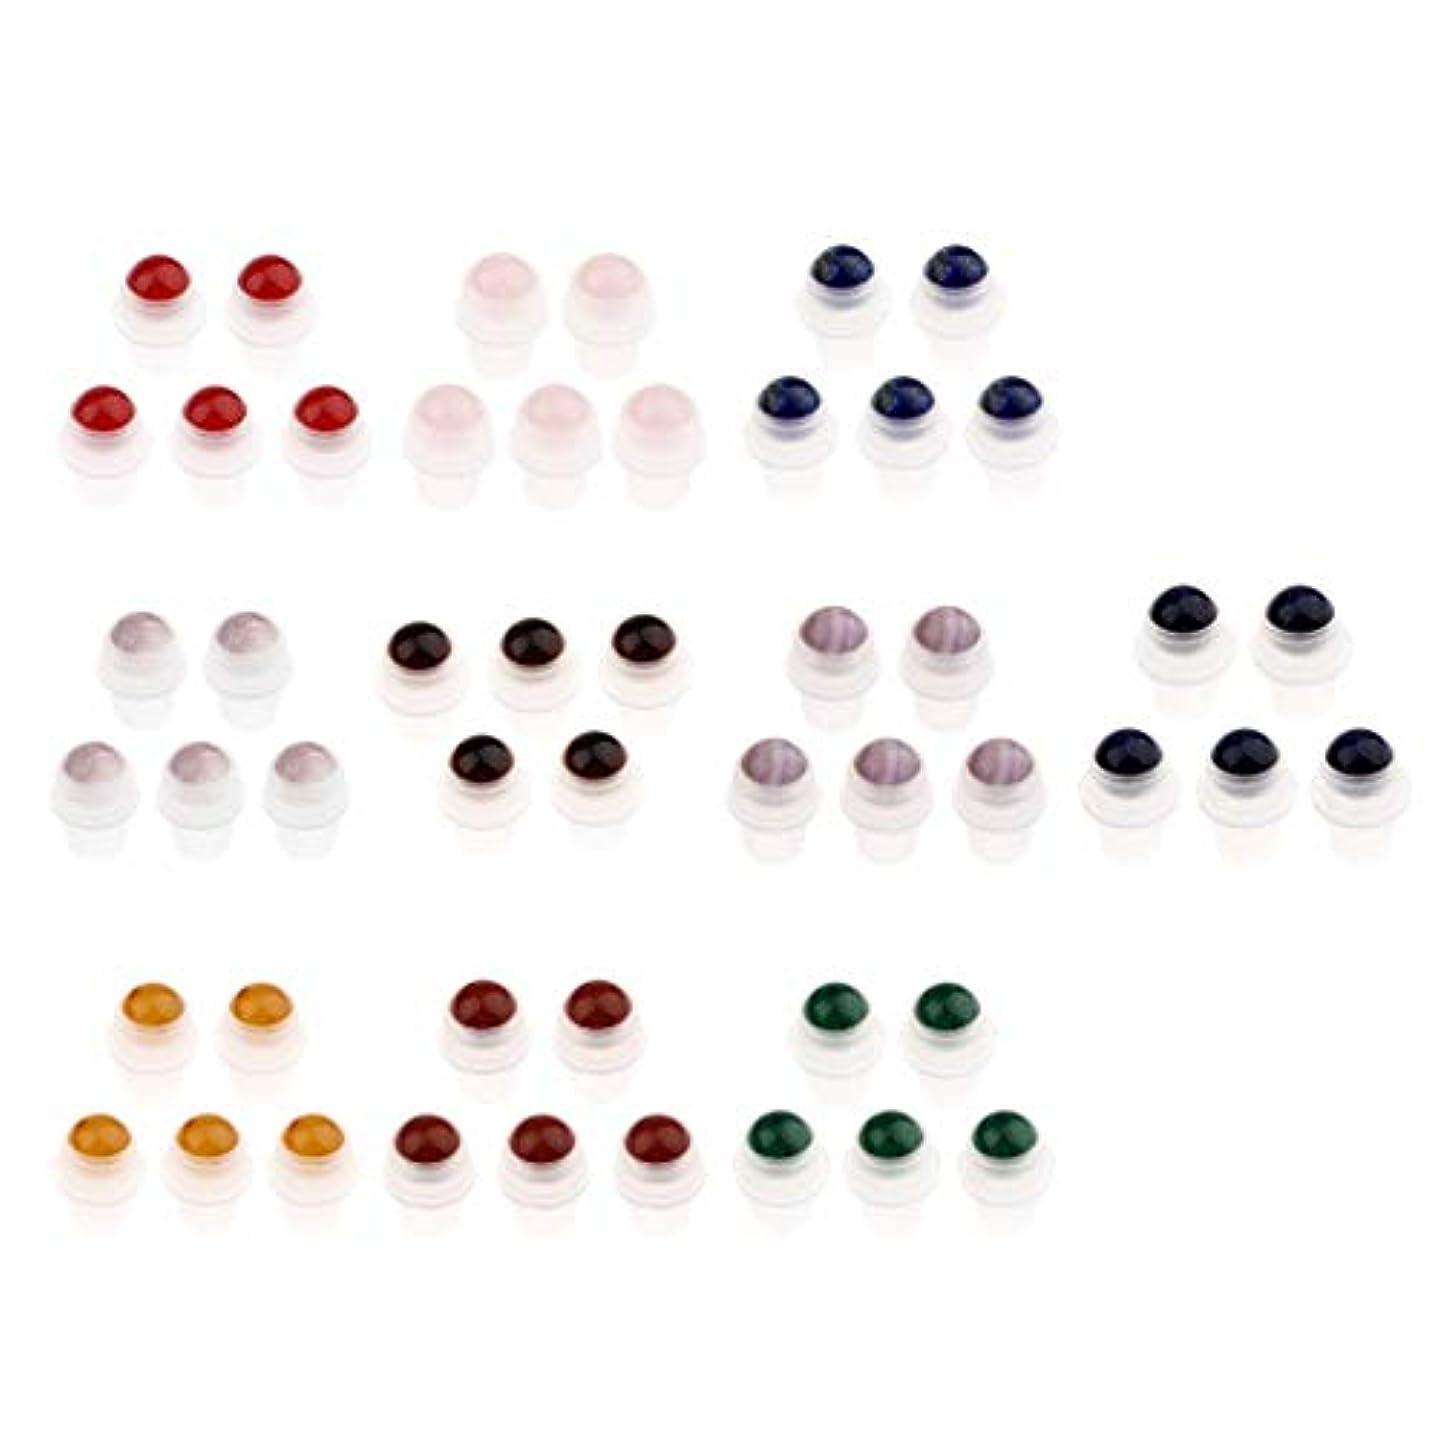 出会いベイビー計算可能ローラーボール エッセンシャルオイル ボトル トップヘッド ボールヘッド 交換用 備品